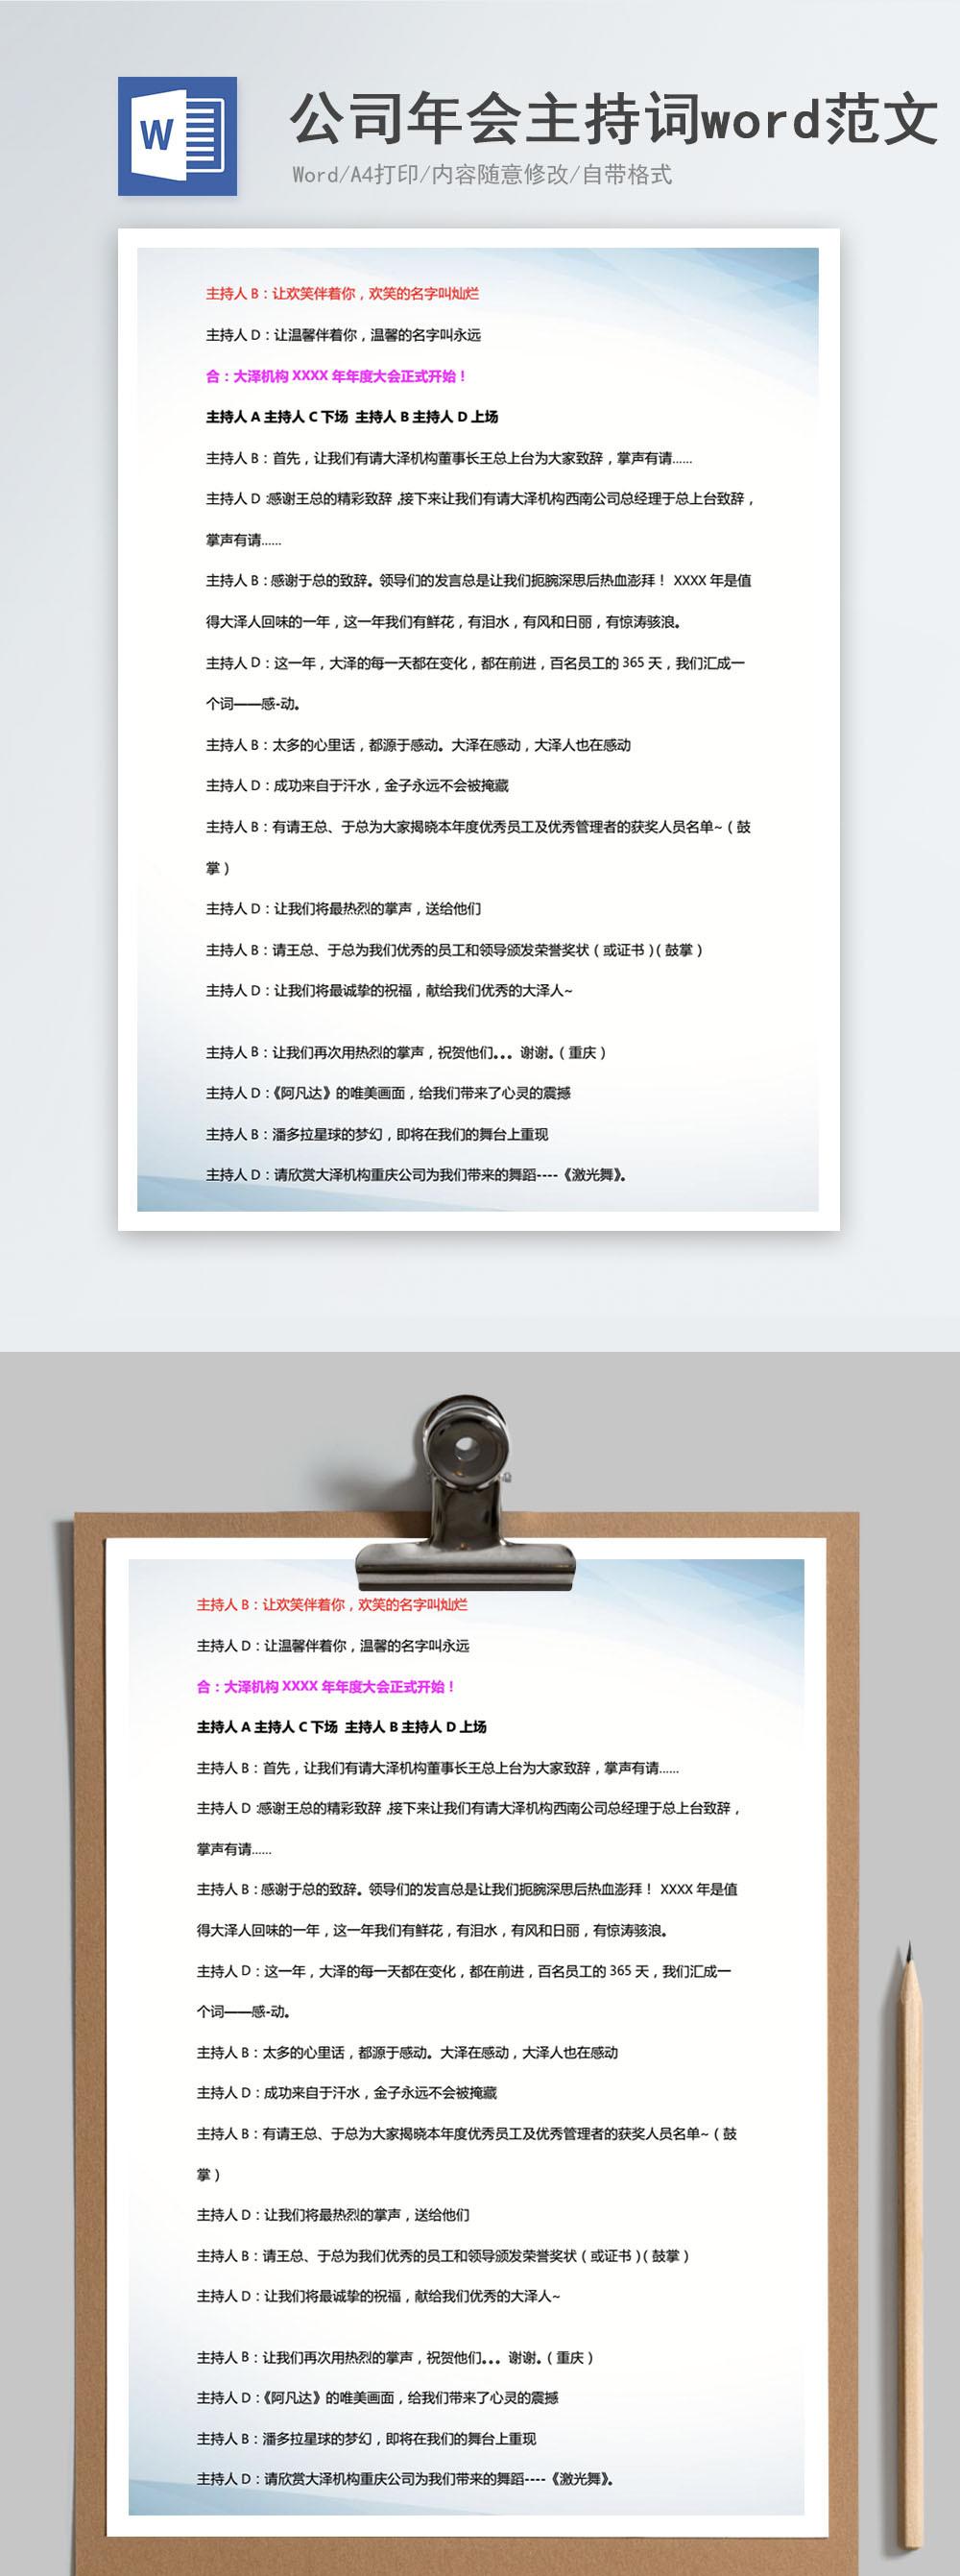 公司年会主持词word文档模板图片